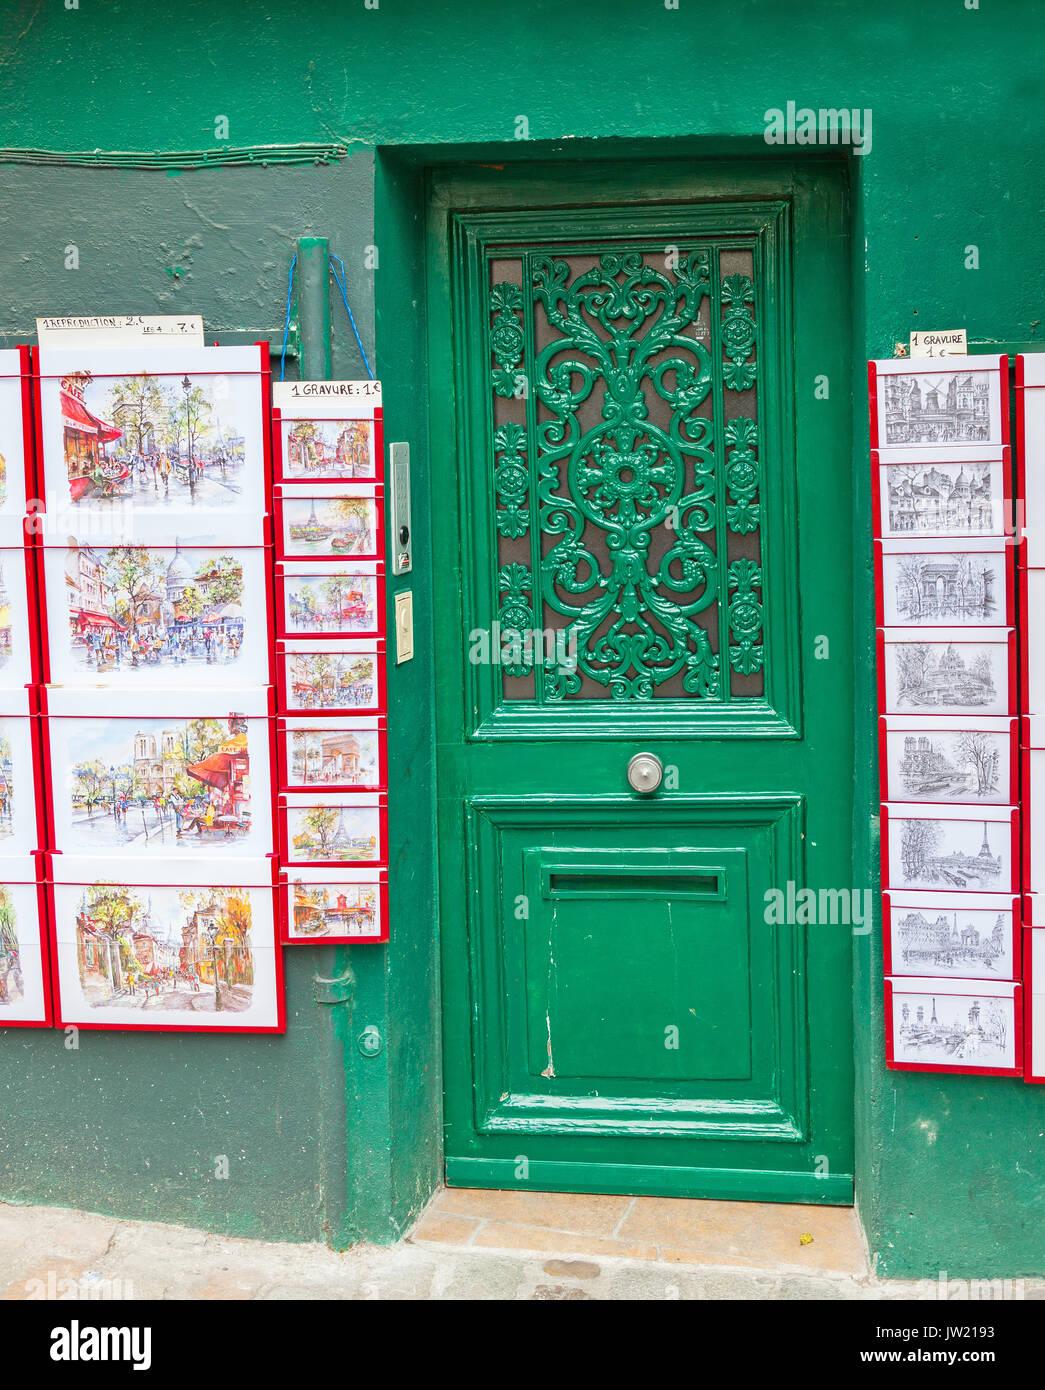 A green door bracketed by art prints in Montmartre in Paris. - Stock Image